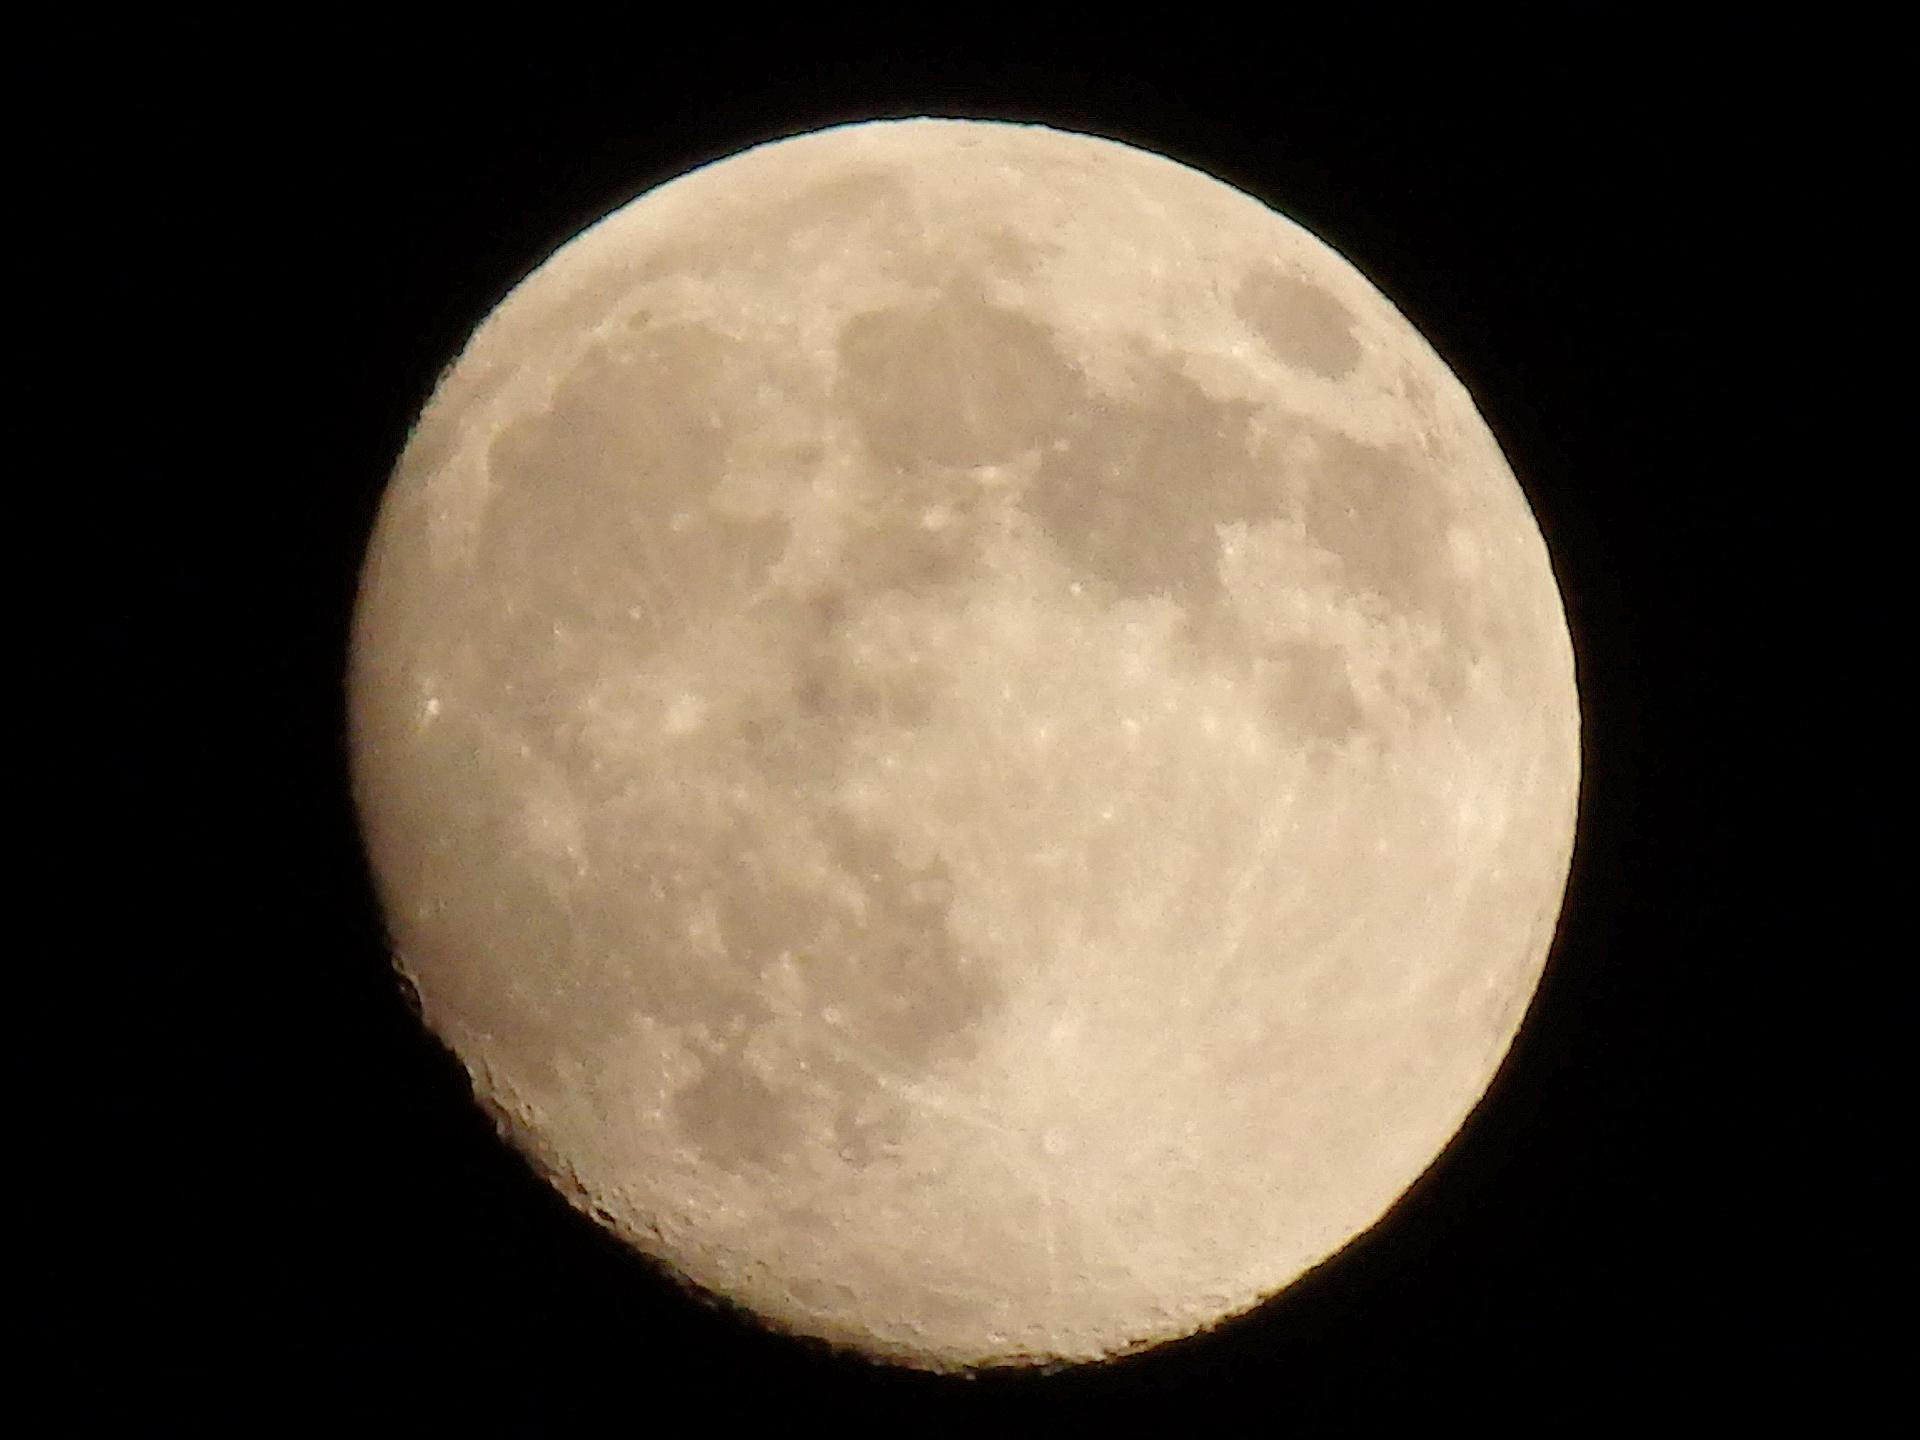 超々望遠(デジタルズーム)で撮影した月です。